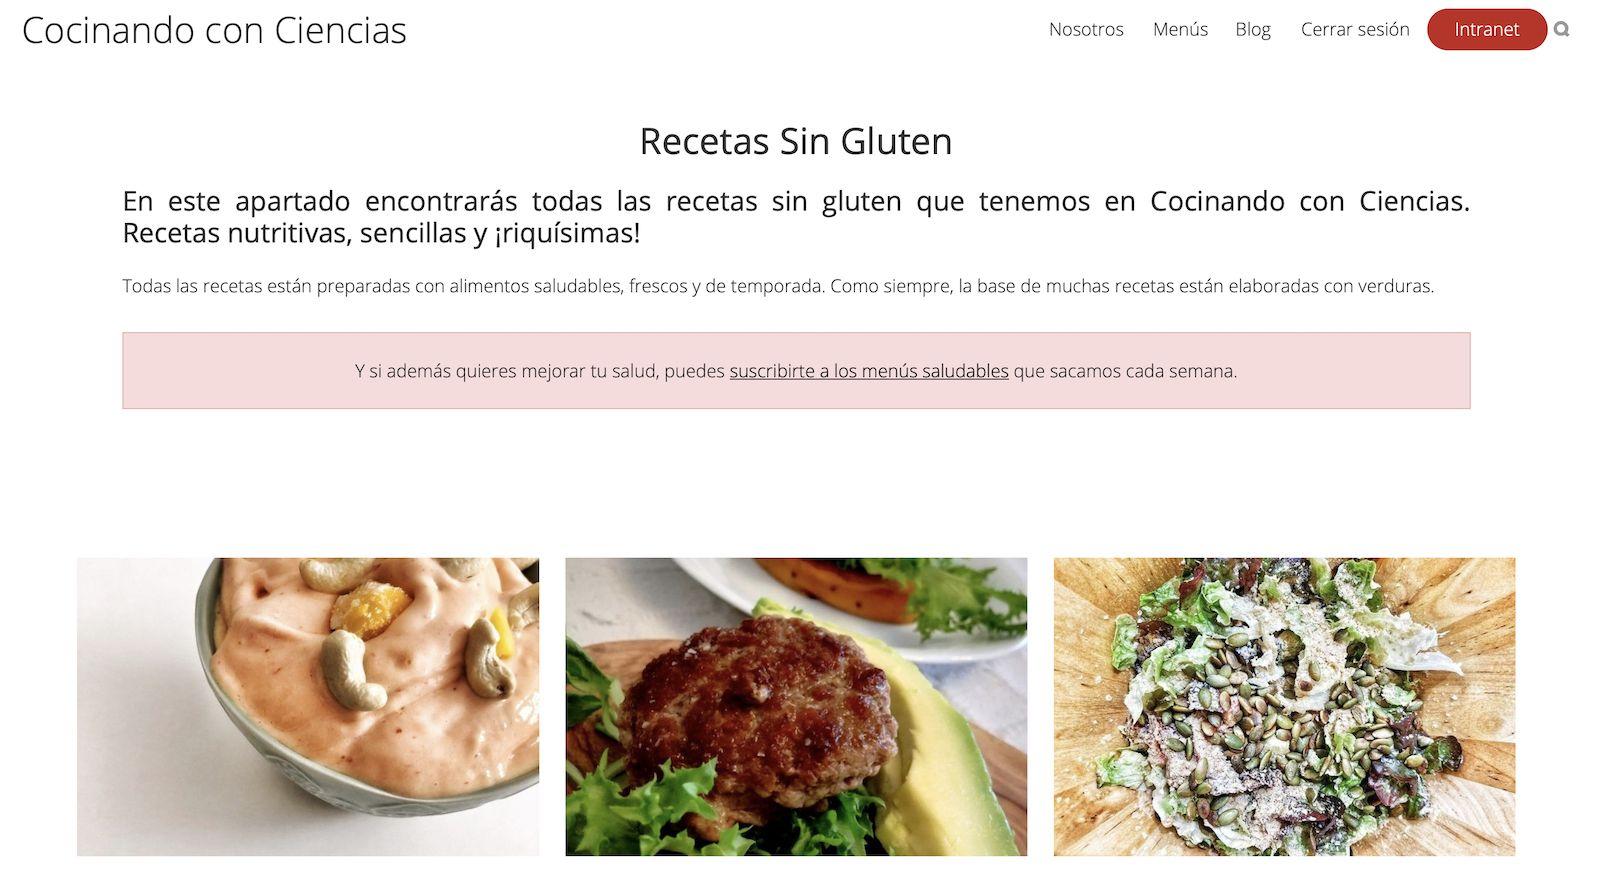 Categoría de Recetas sin Gluten en Cocinando con Ciencias